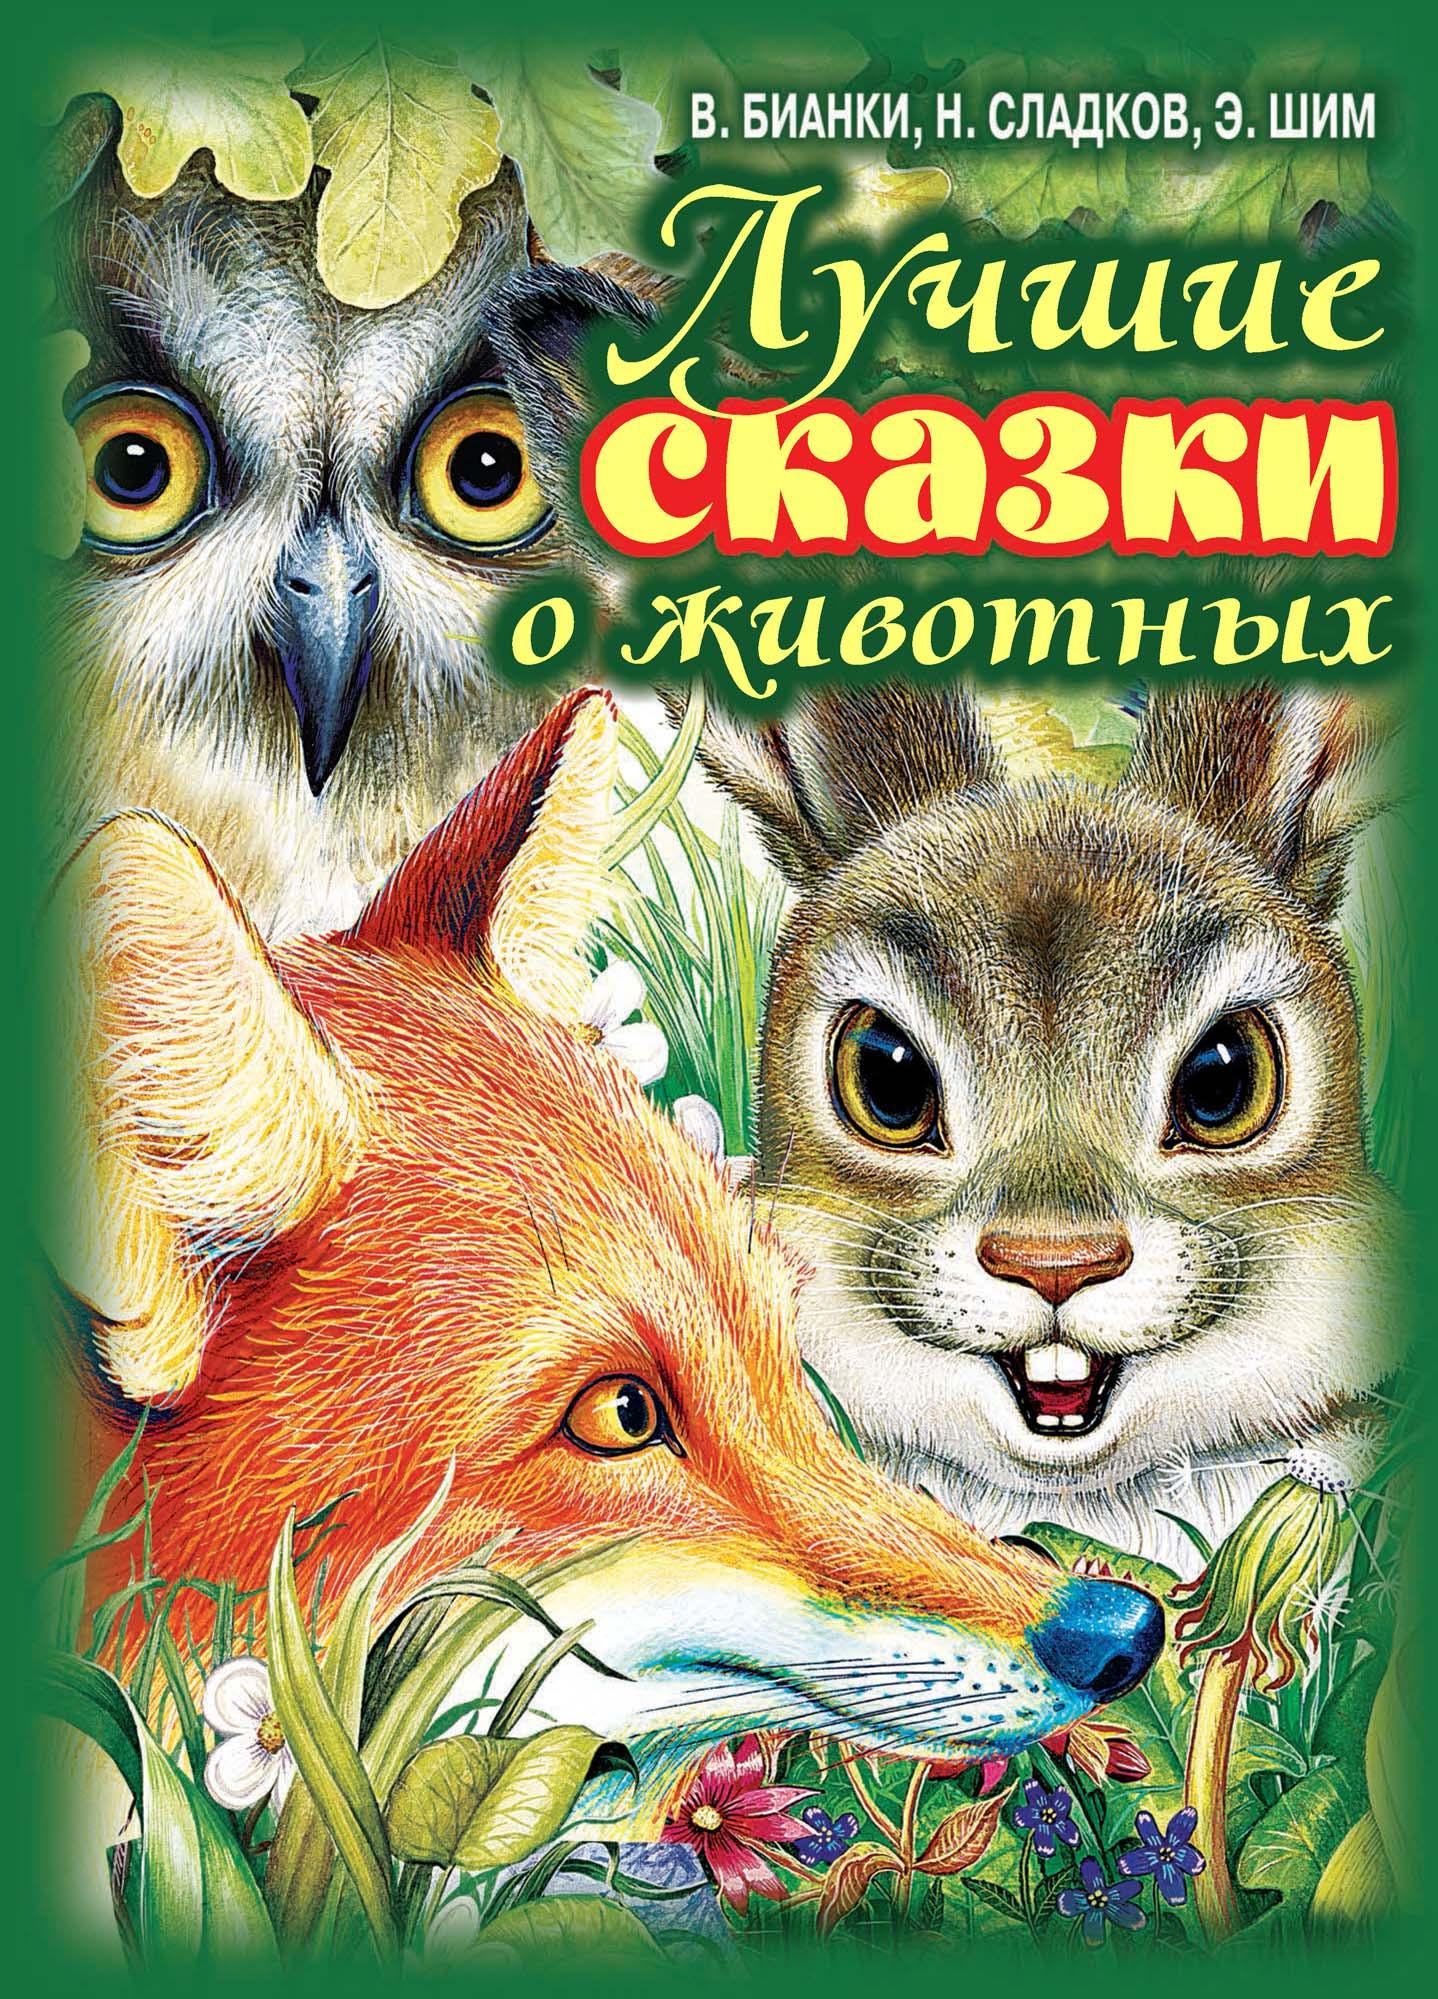 Виталий Бианки Лучшие сказки о животных в бианки любимые сказки о животных